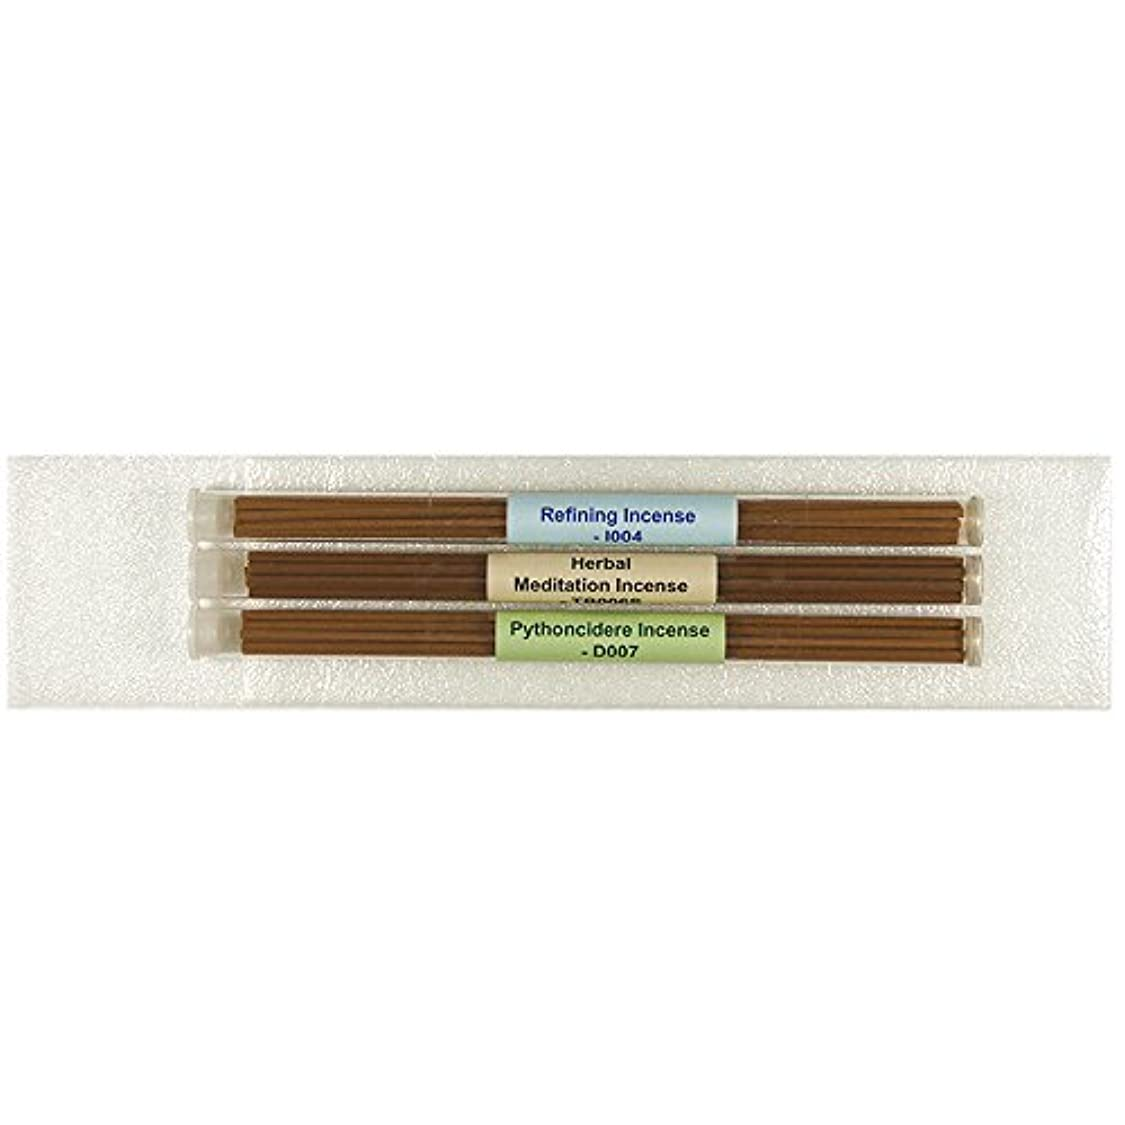 に対処する引き潮アラブ3チューブTibetan Incenseパック# 3 – [ Refining Incense +ハーブMeditation Incense ø4 mm + Pythoncidere Incense ] – 8